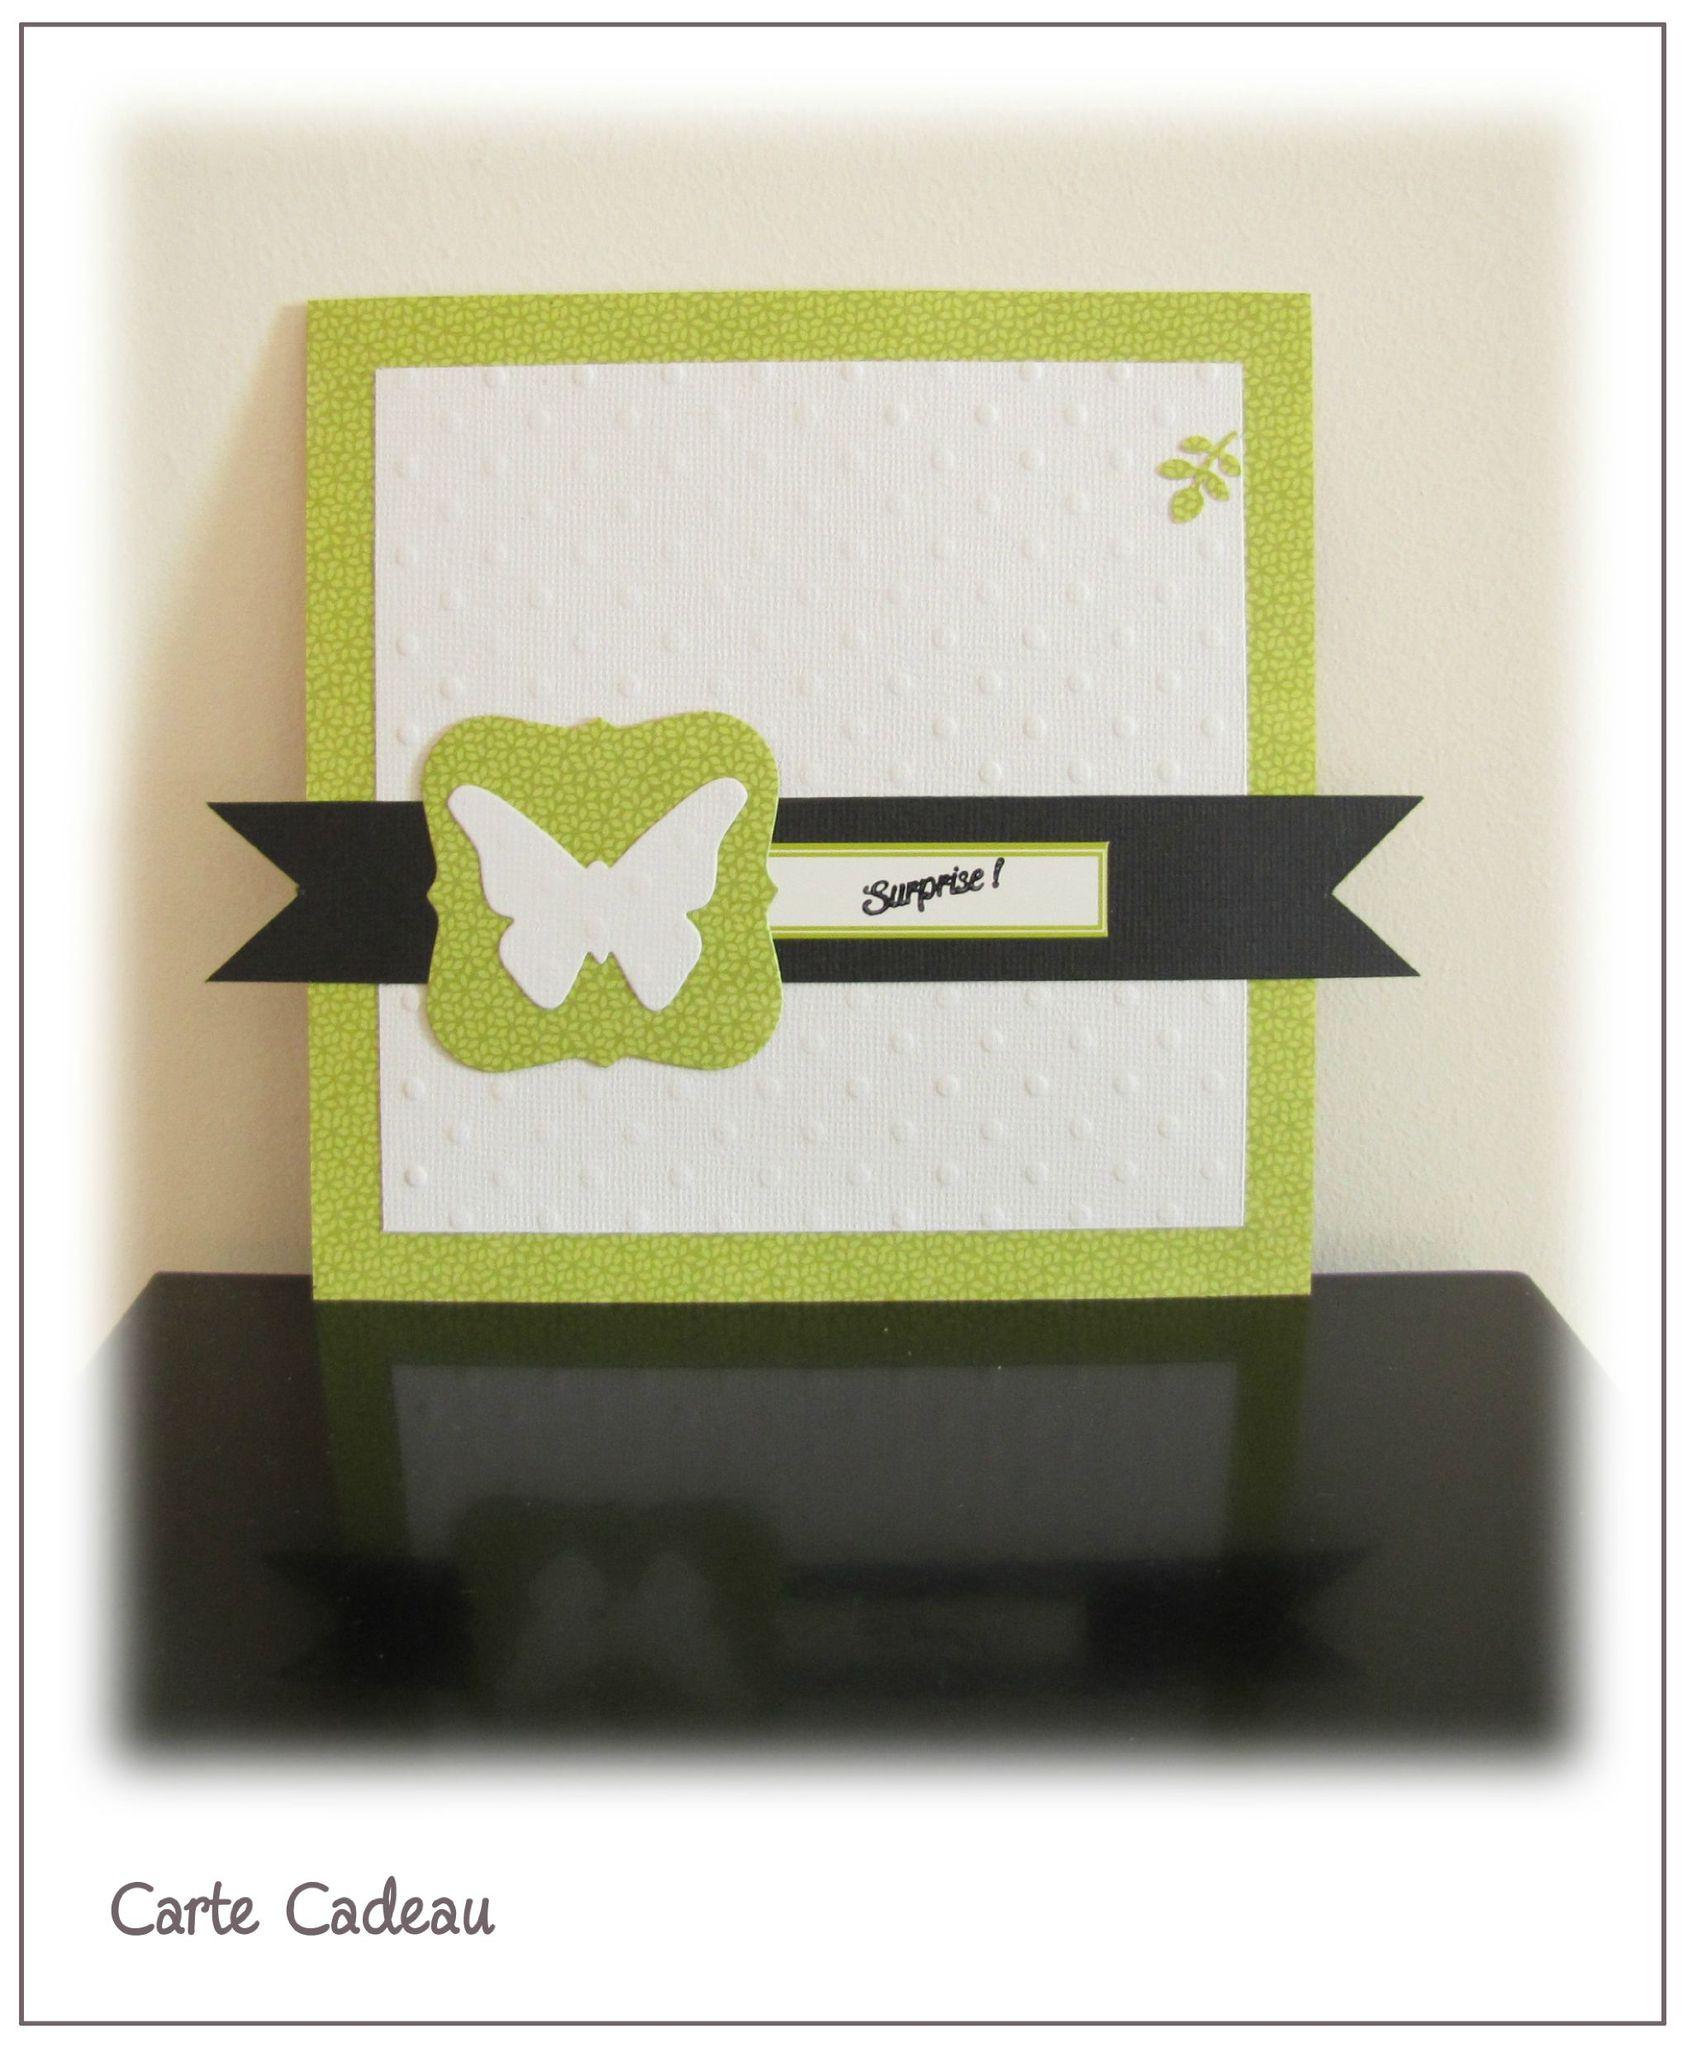 290712 - Carte Cadeau